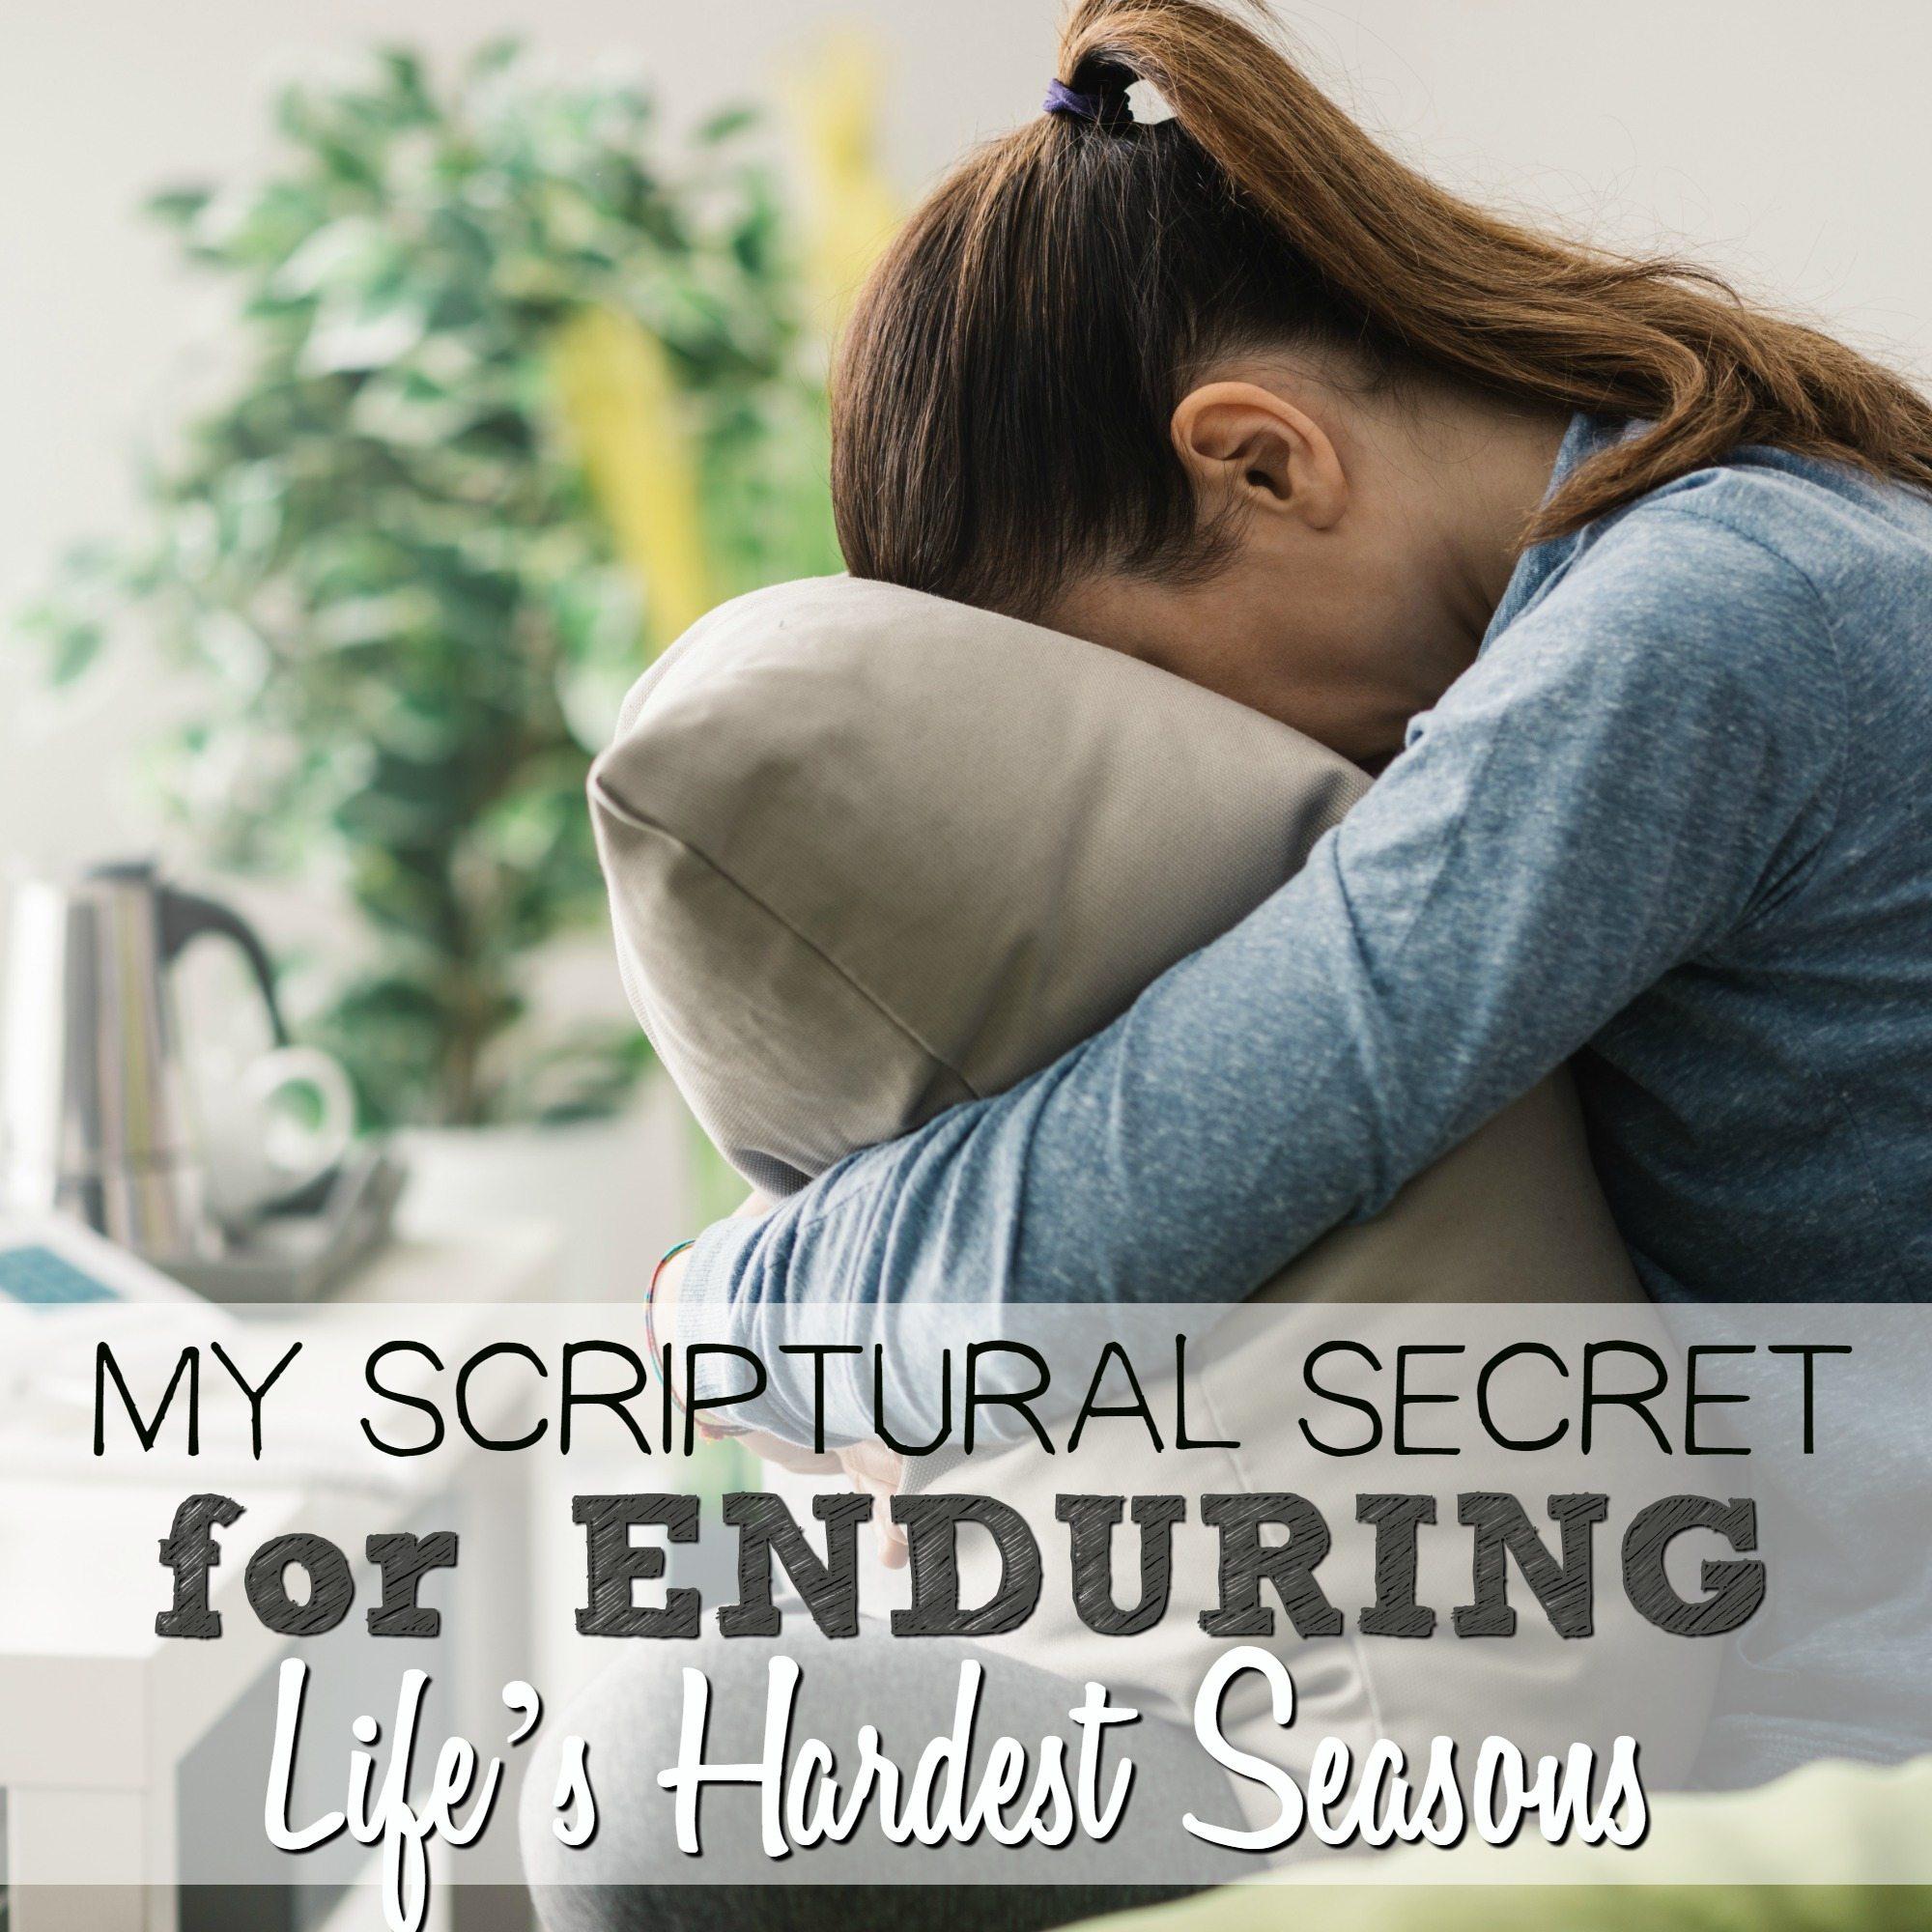 My Scriptural Secret for Enduring Life's Hardest Seasons